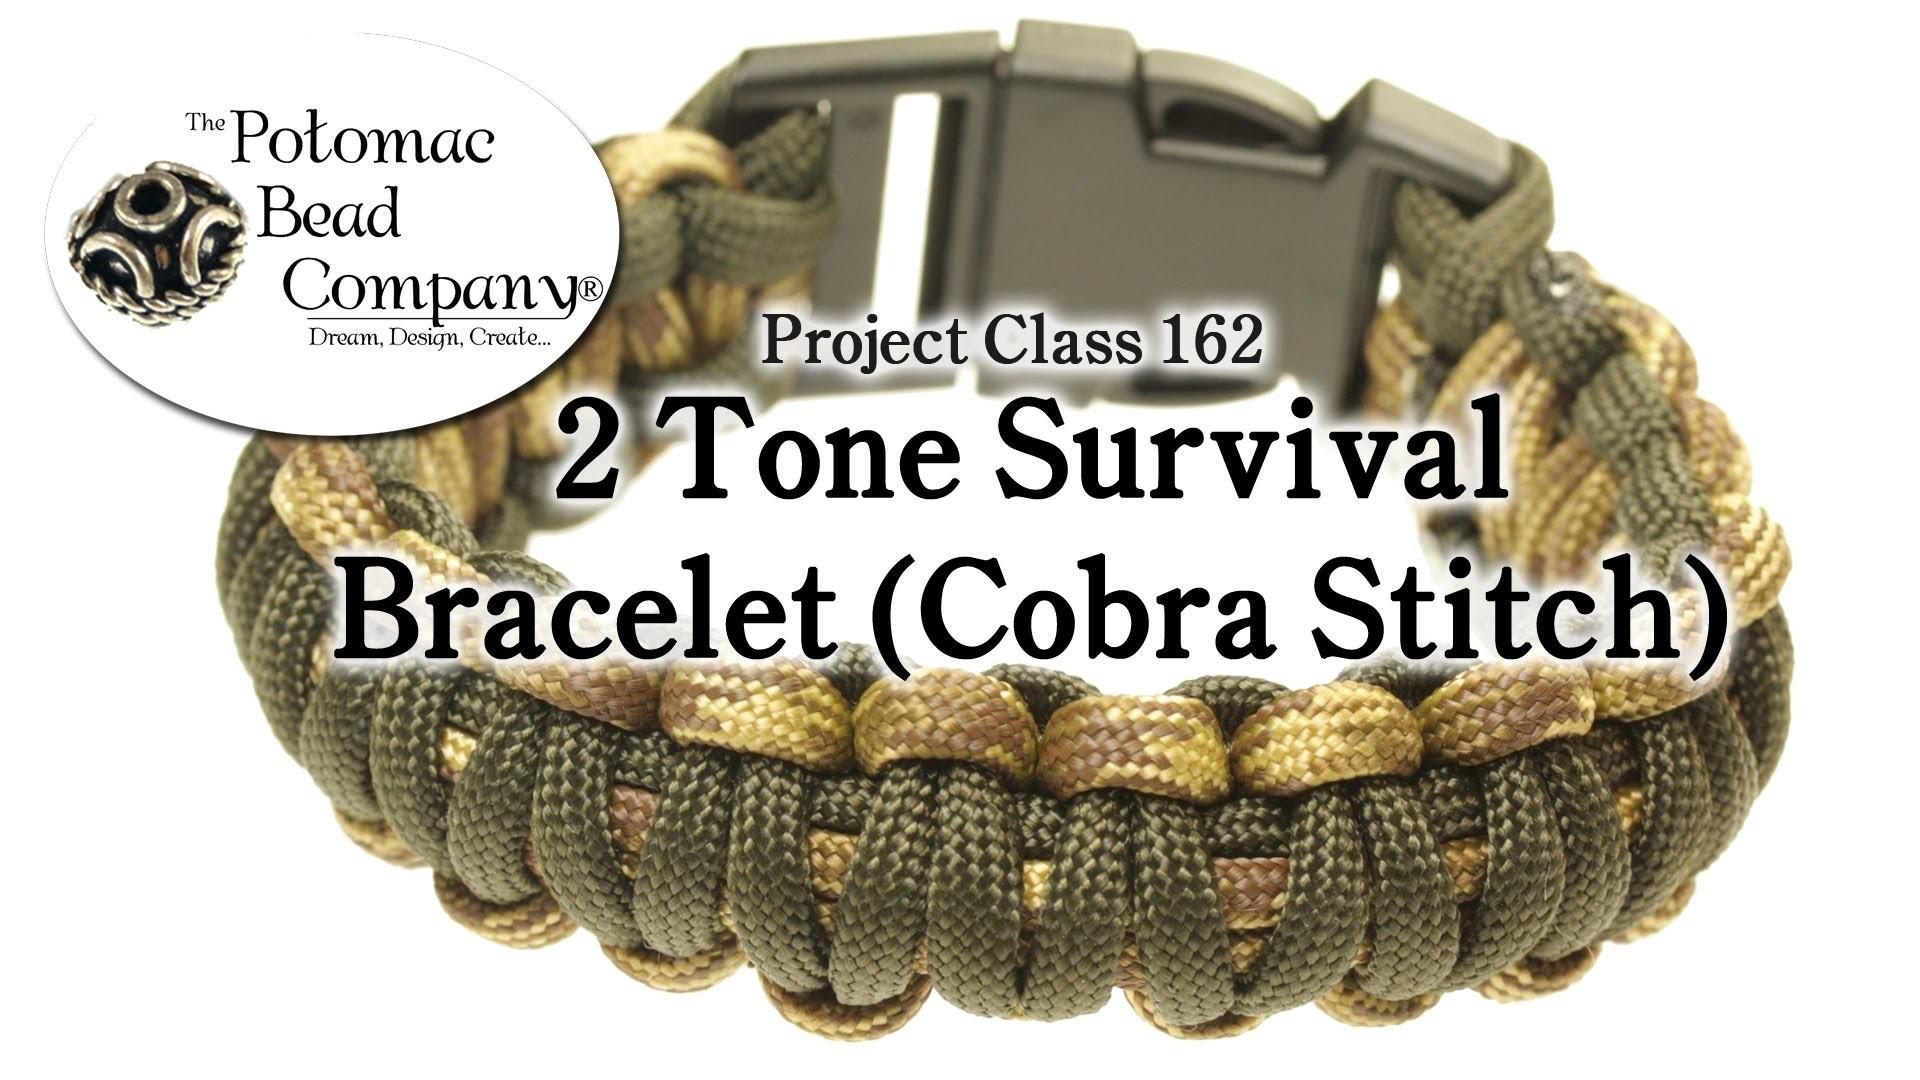 2 Color Paracord Survival Bracelet (Cobra Stitch)